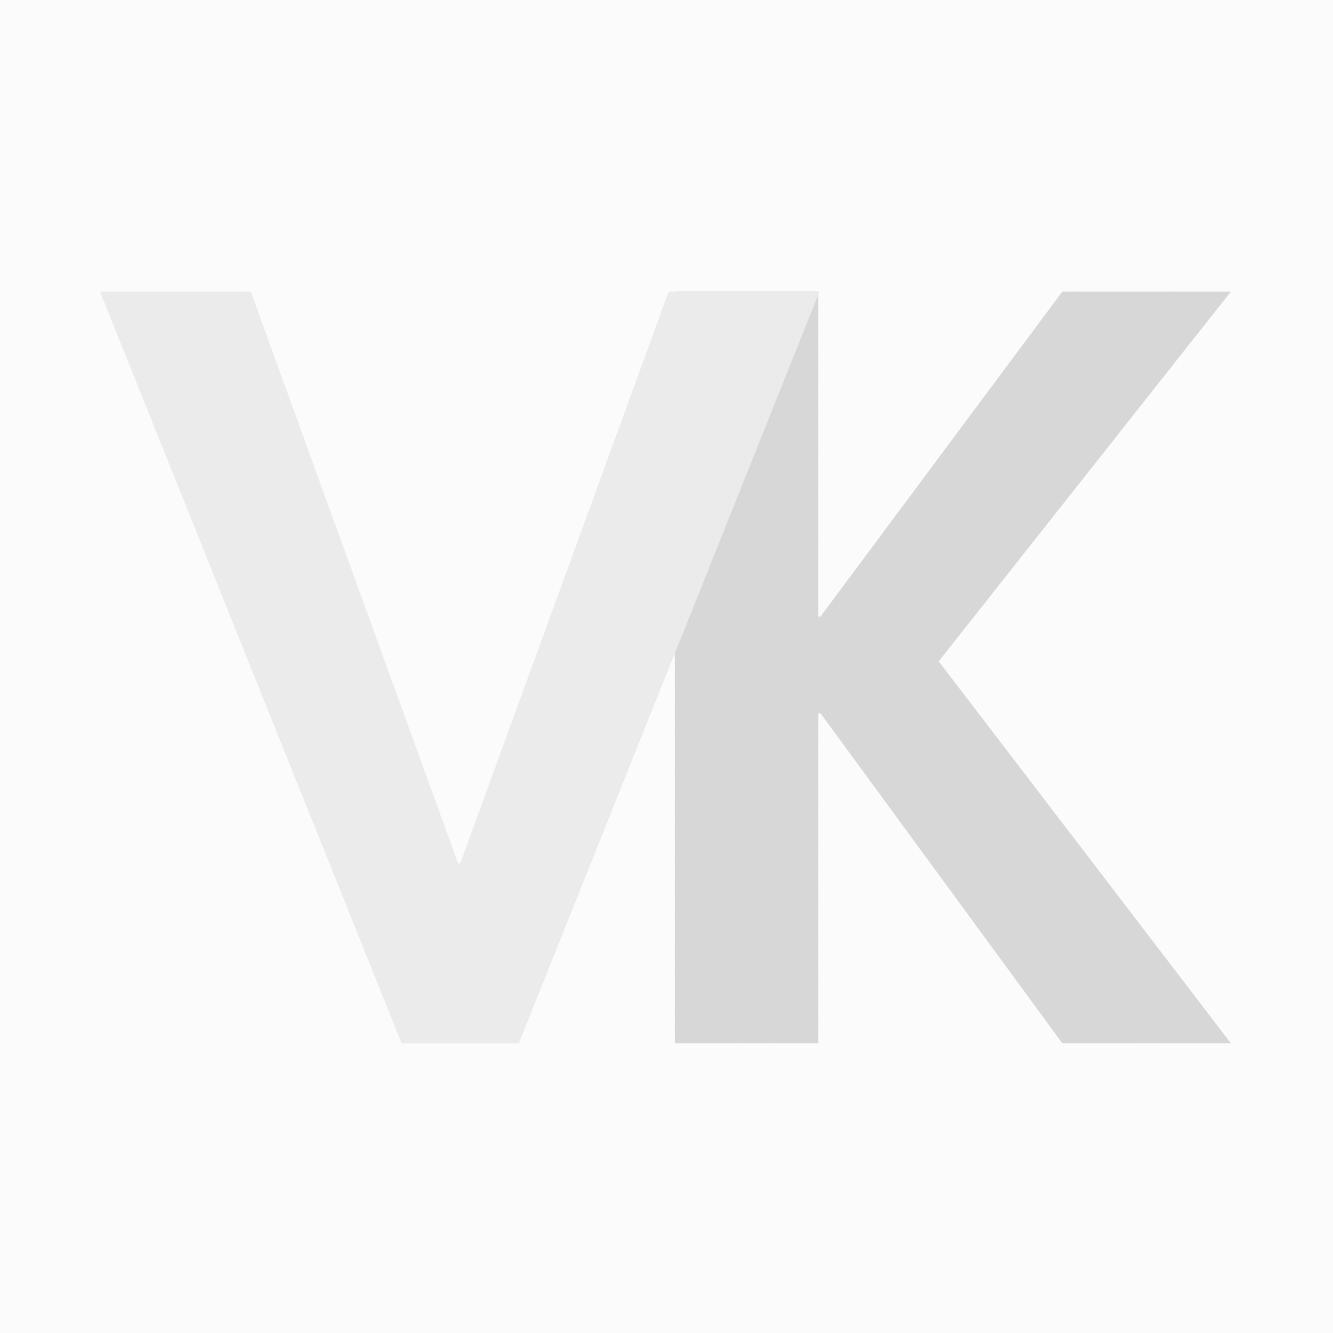 Wako Kaplaken Web 160x145 cm